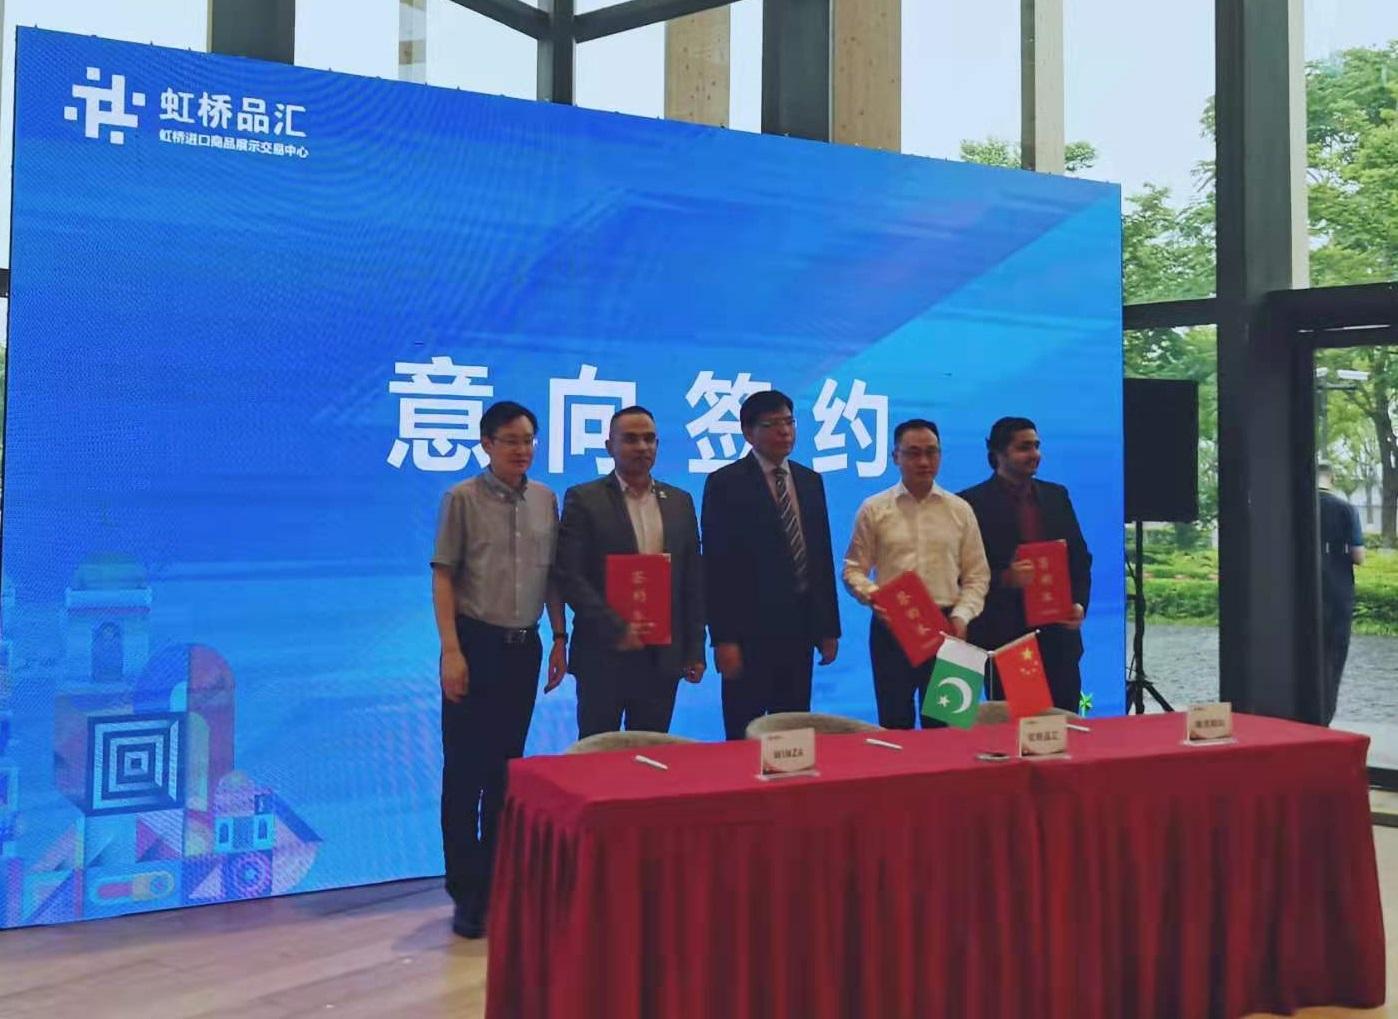 Pakistan Culture Week kicked off in Shanghai